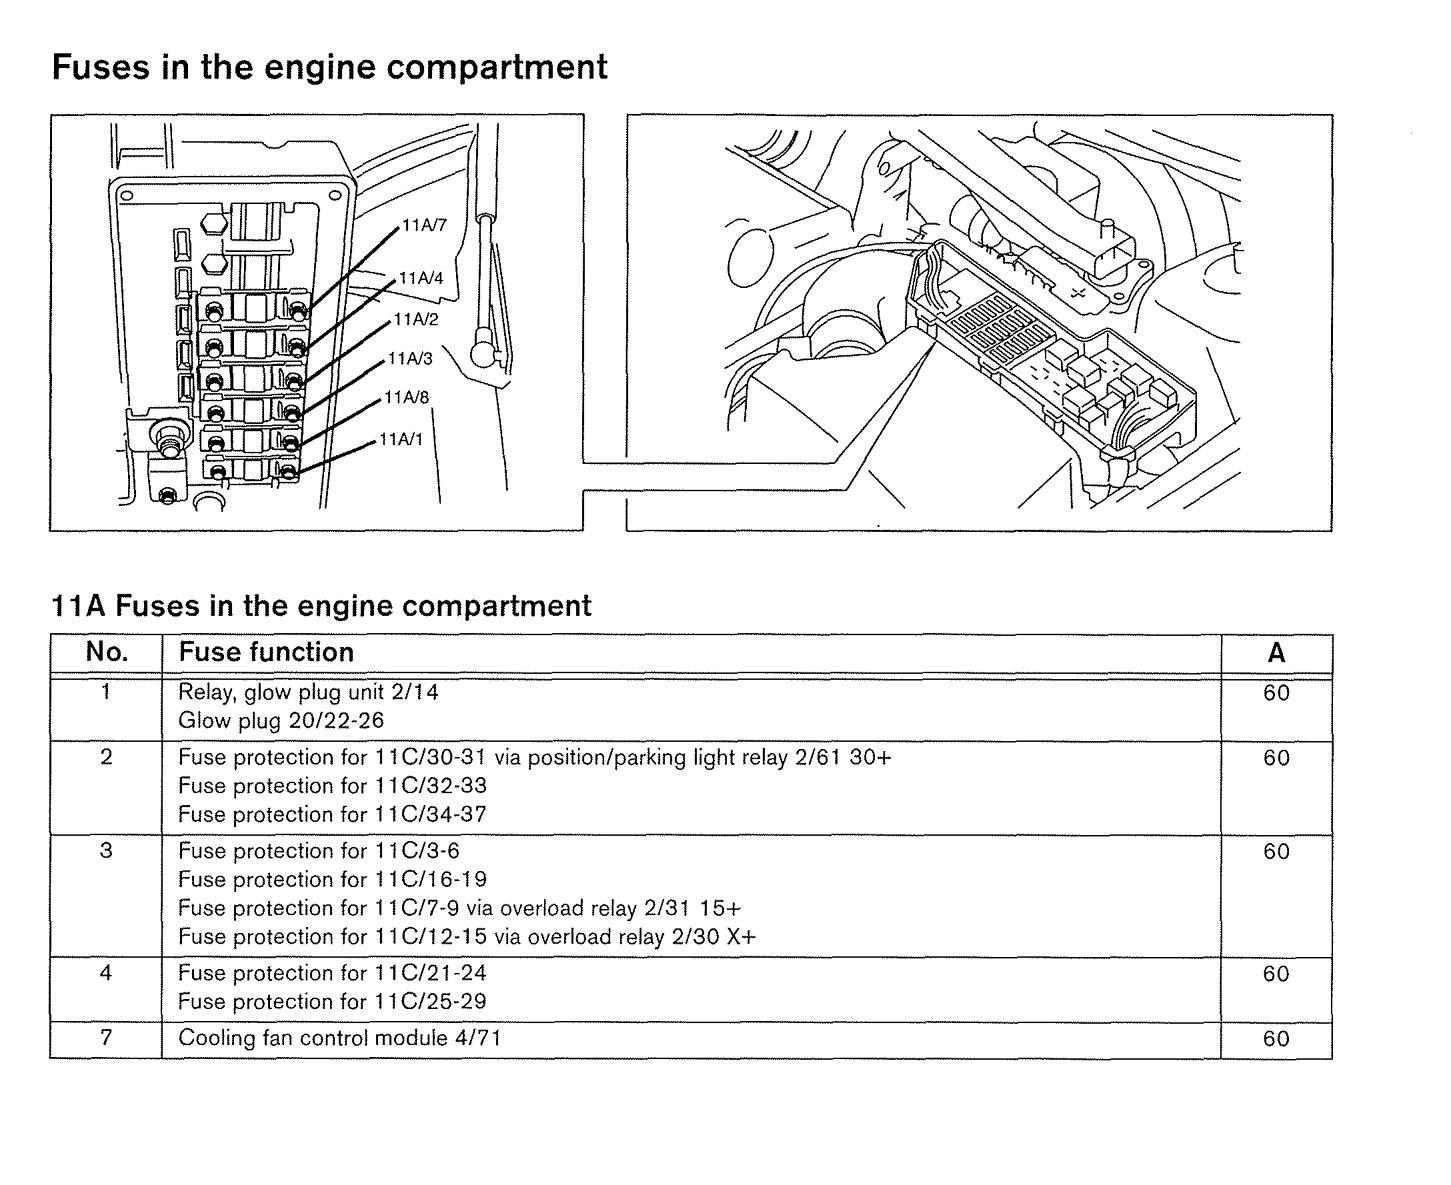 l70e volvo fuse box cover wiring diagram expertsvolvo l70e wiring diagram online wiring diagram l70e volvo fuse box cover